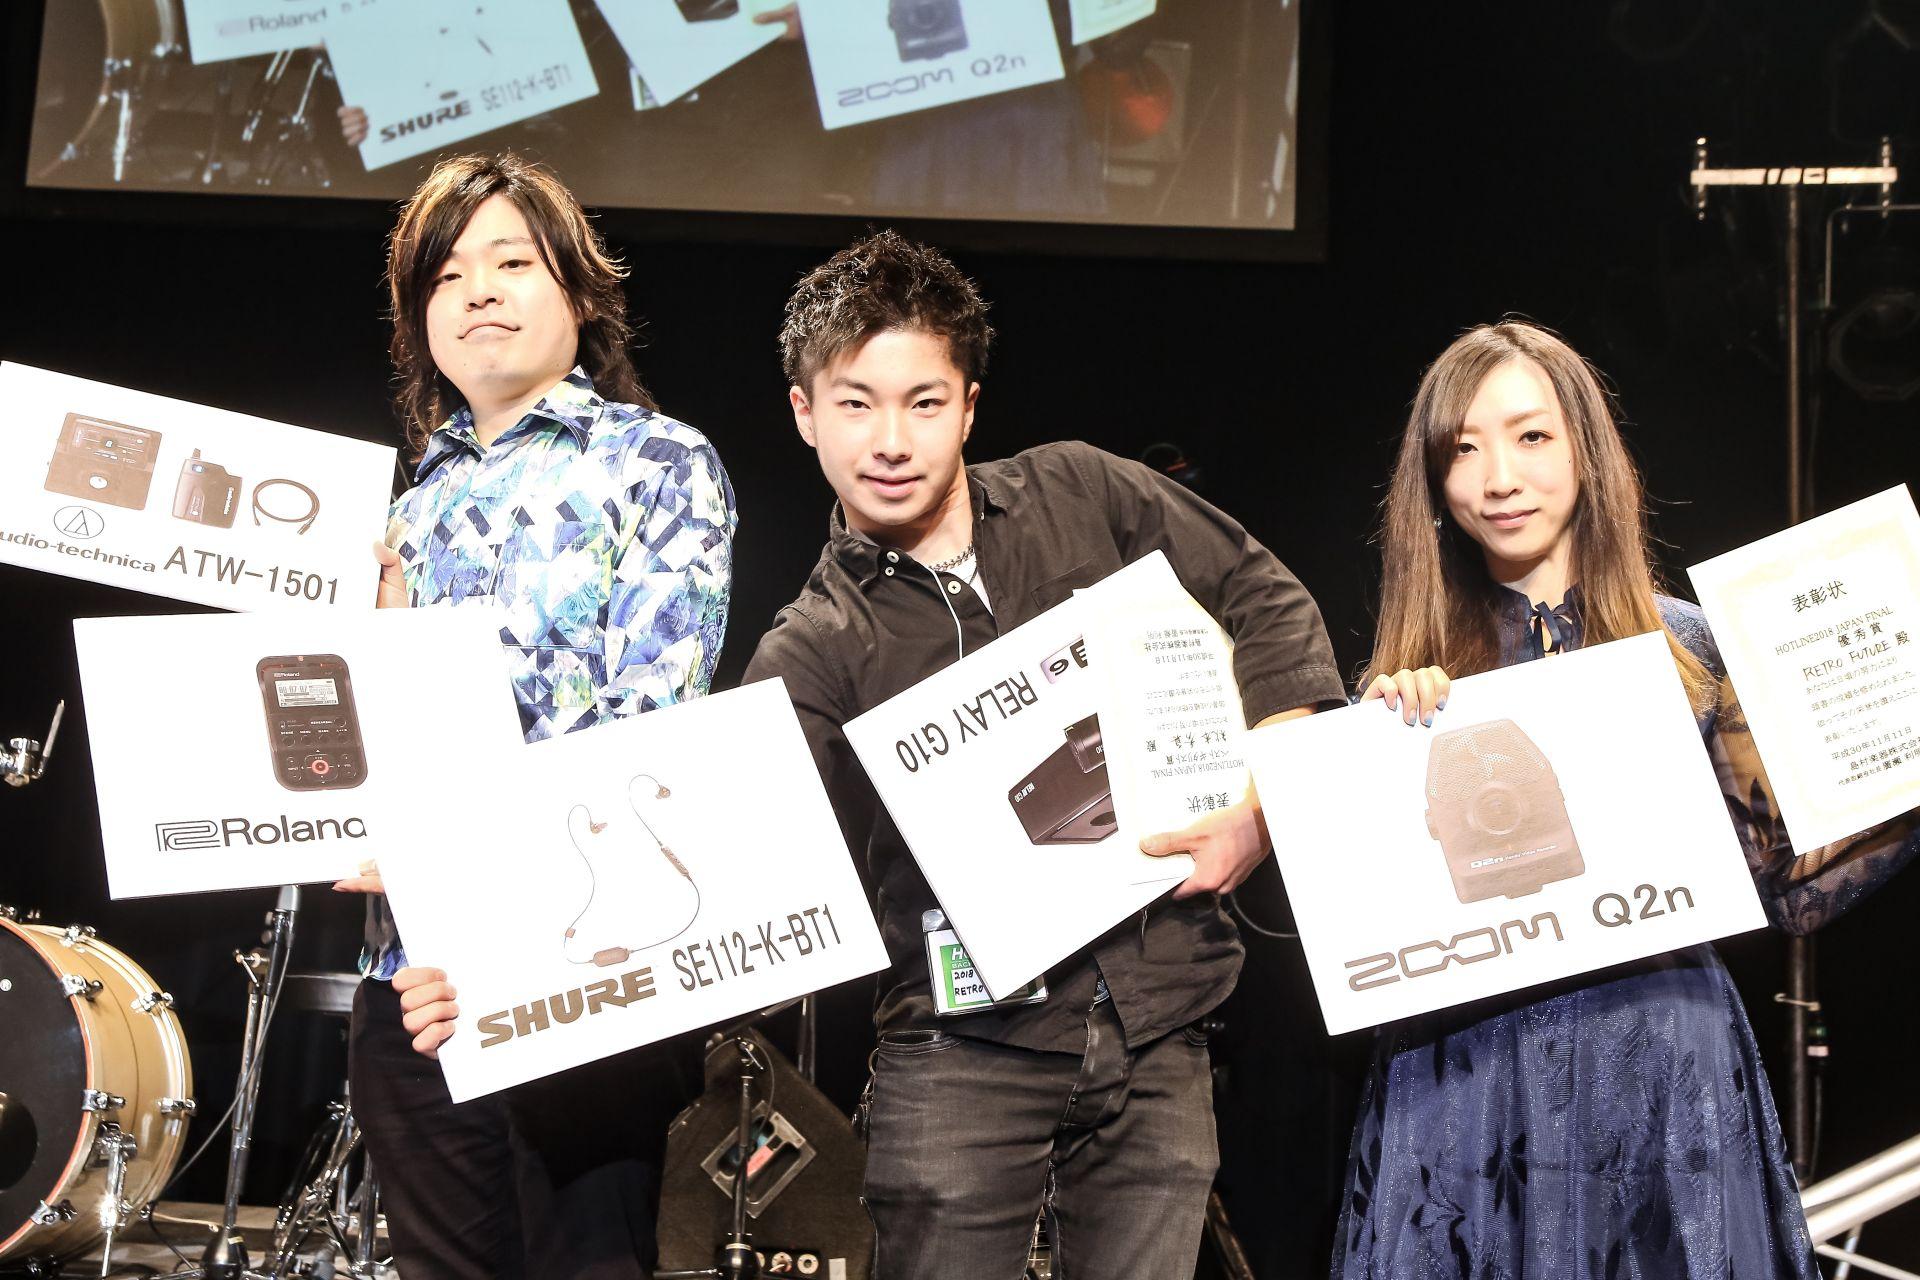 優秀賞:RETRO FUTURE